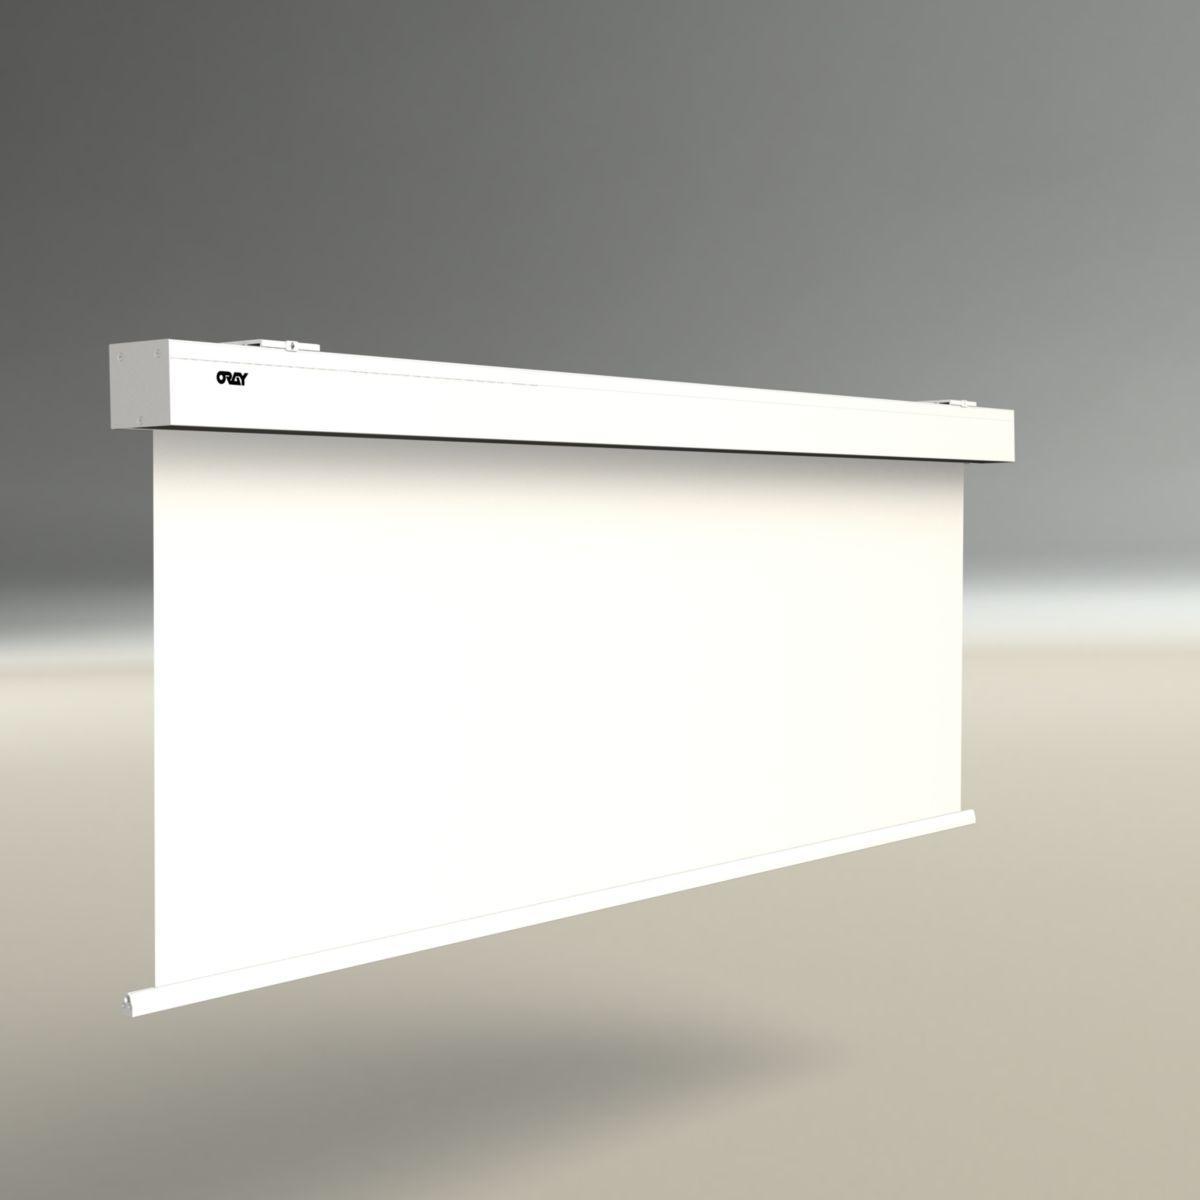 Ecran oray sq1b1225300 - livraison offerte avec le code nouveaute (photo)